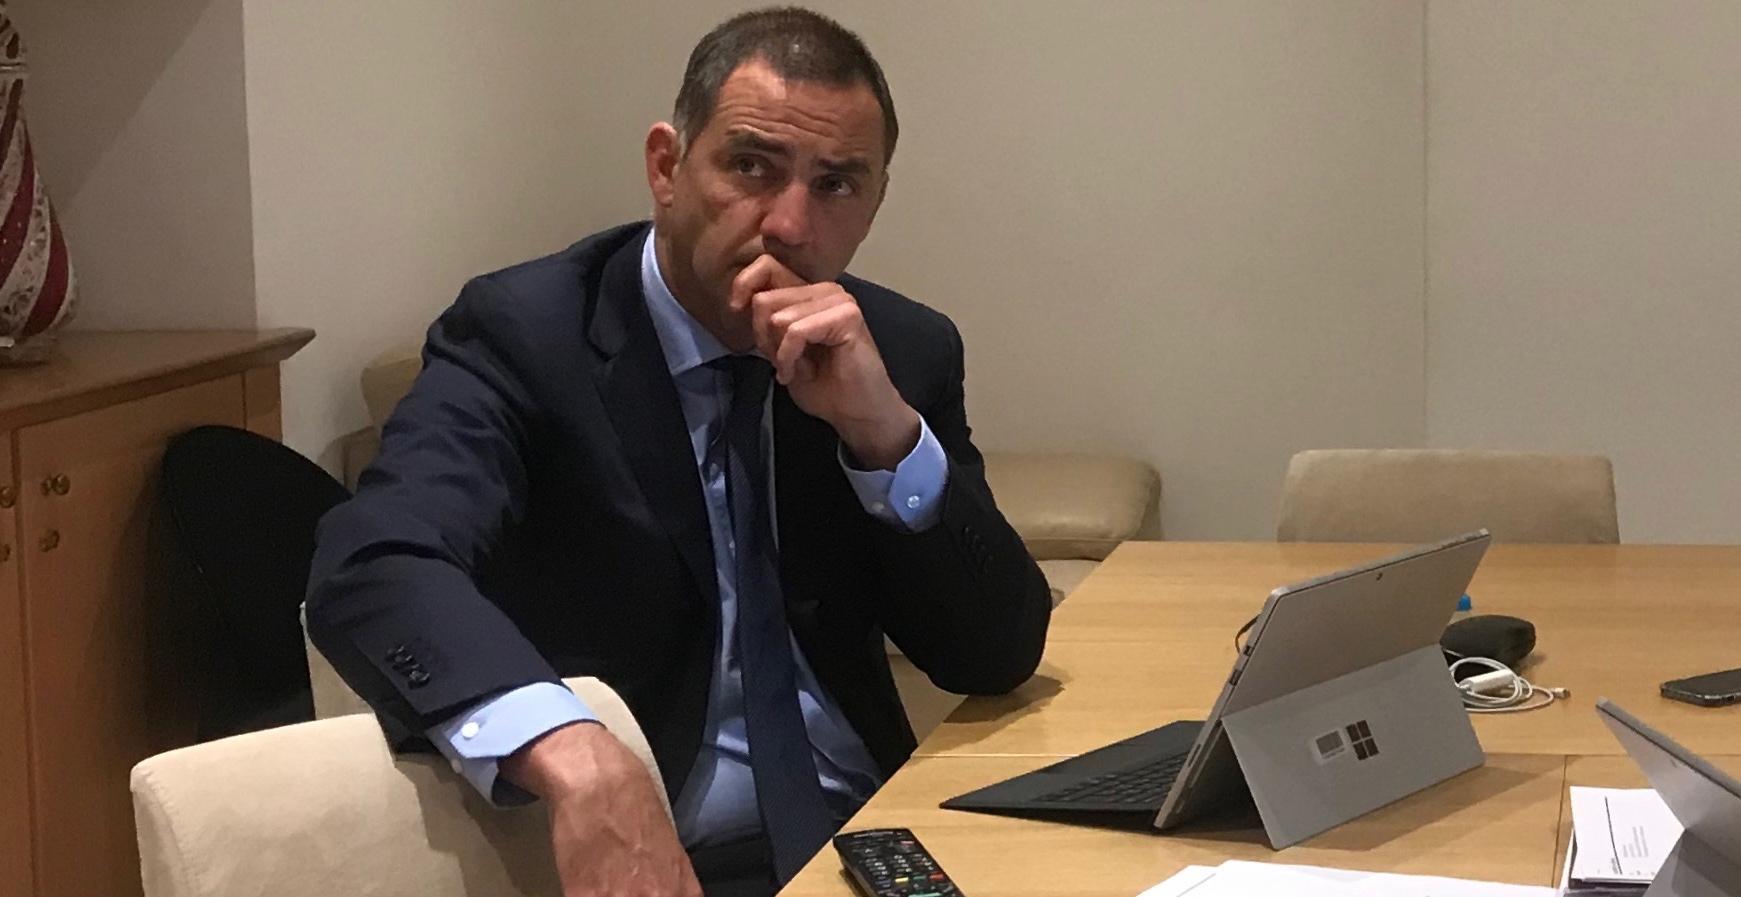 Le président du Conseil exécutif de la Collectivité de Corse, Gilles Simeoni, en train de regarder le débat de Cuzzà à la télévision dans son bureau à Aiacciu.